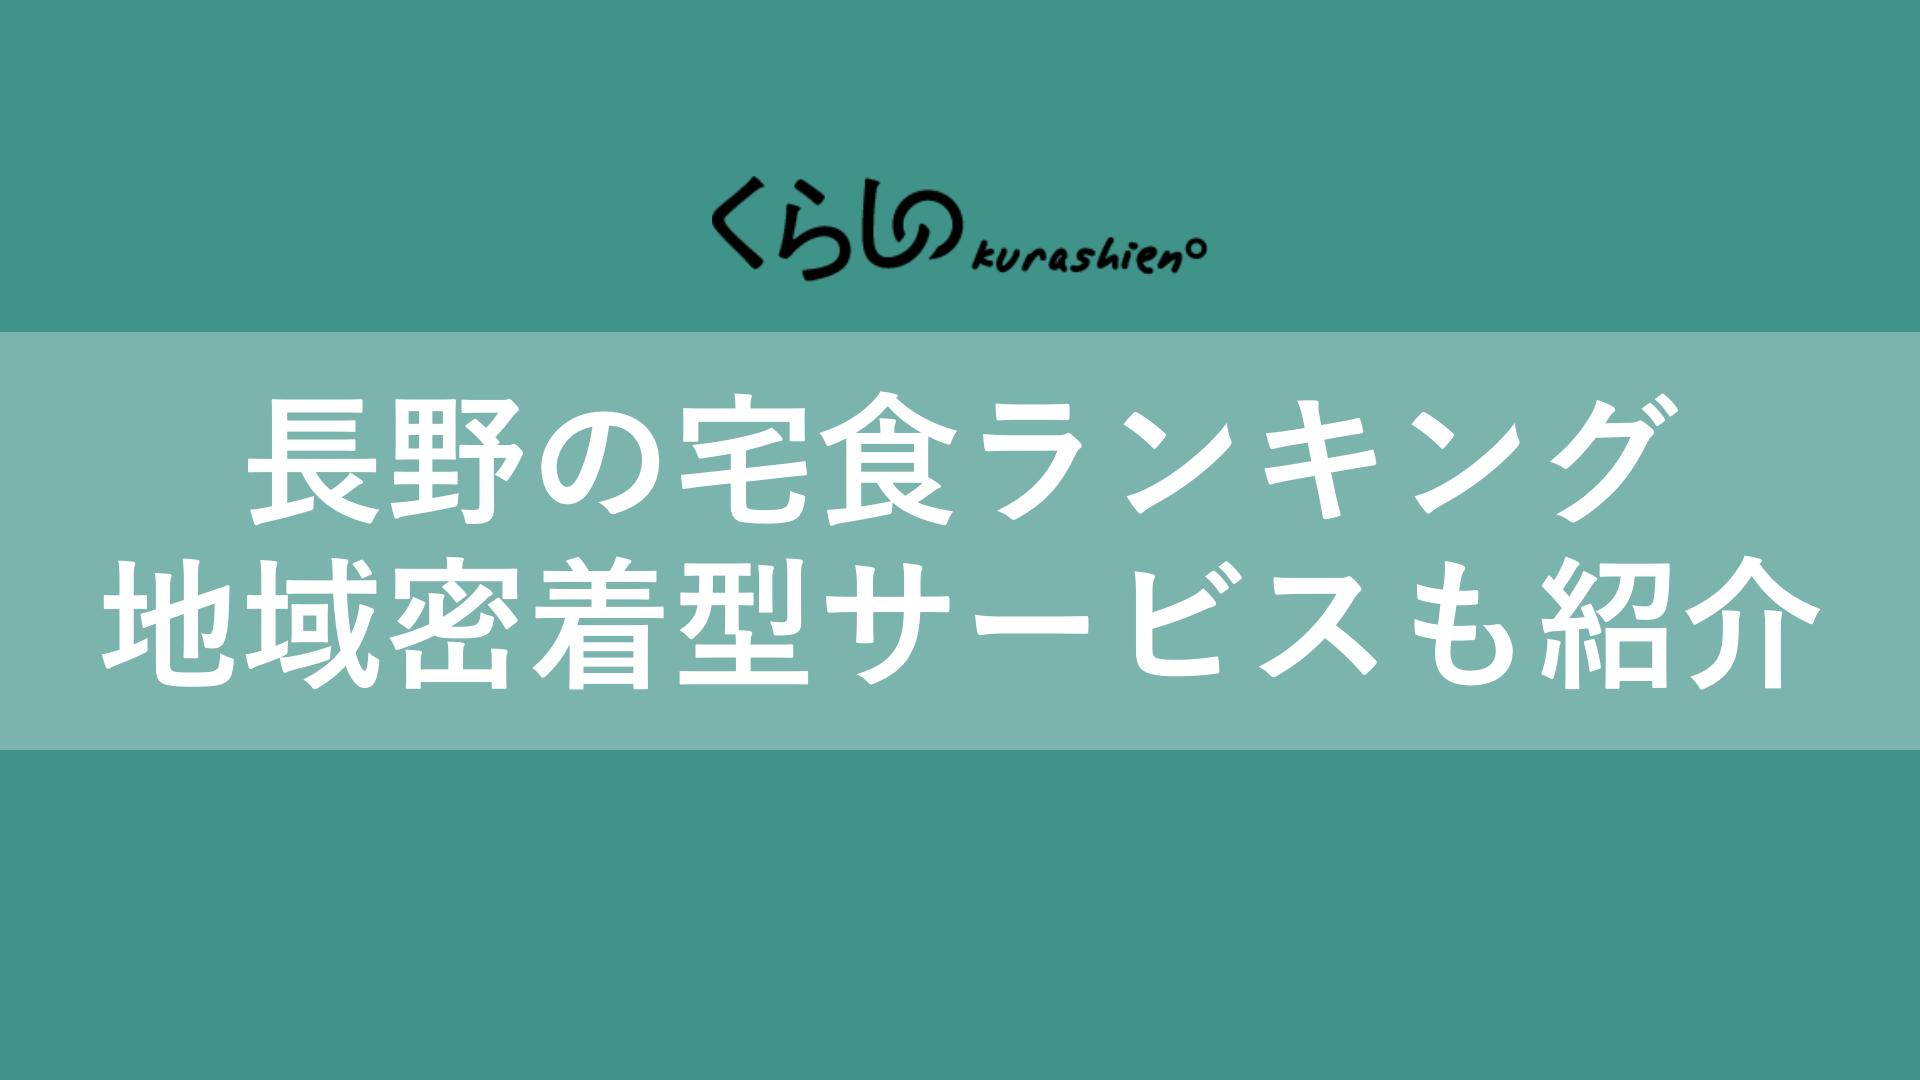 長野県の宅食サービス・宅配弁当おすすめランキング!地域密着型サービスも紹介